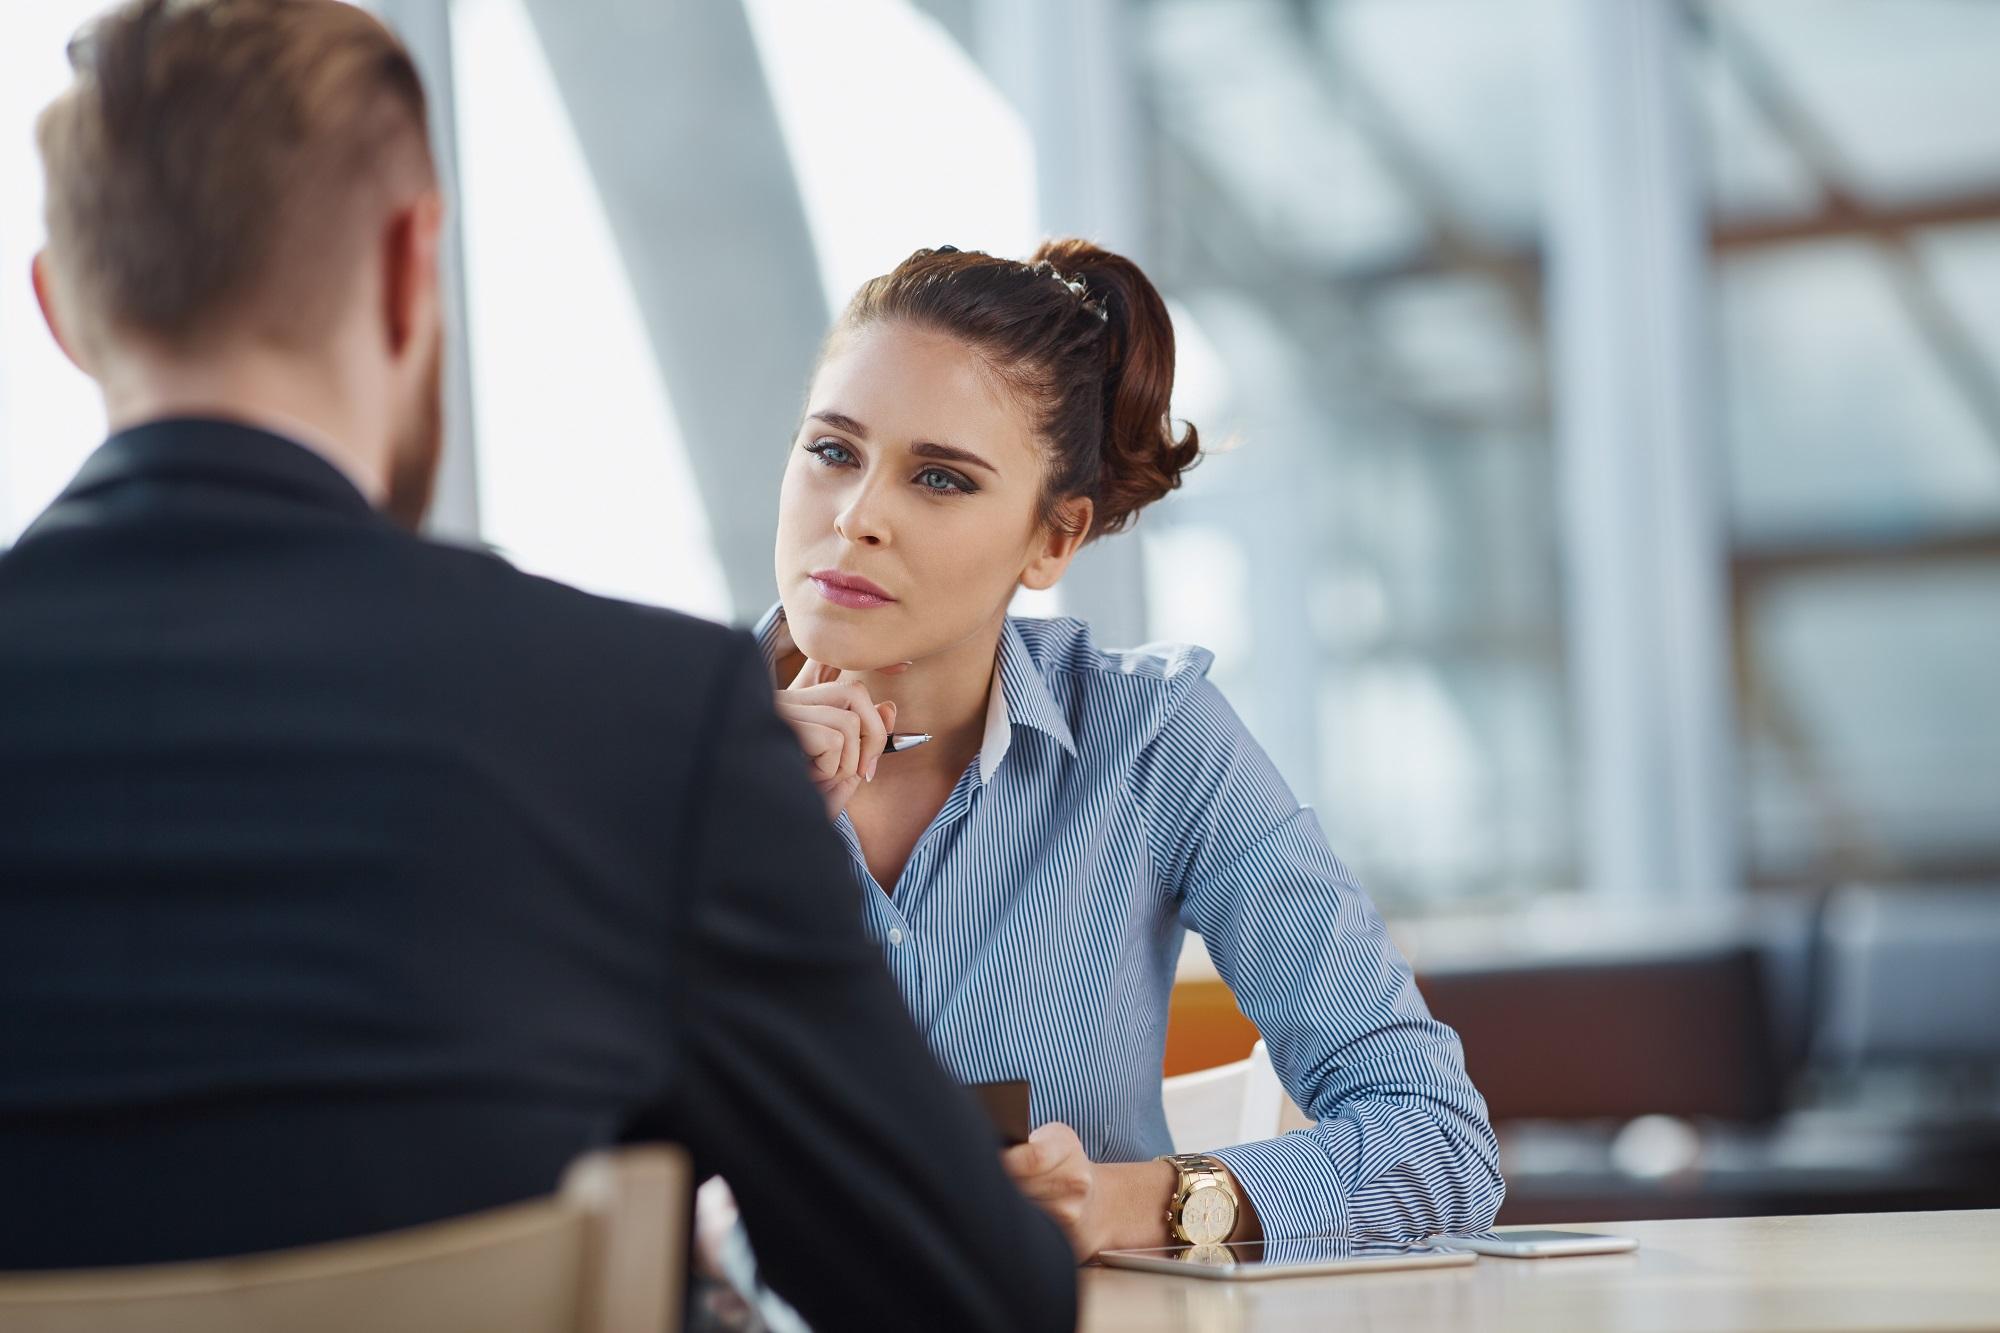 Profesyonel satış temsilcileri, üstün dinleme becerilerini kullanarak iletişimi nasıl geliştireceklerini bilirler.